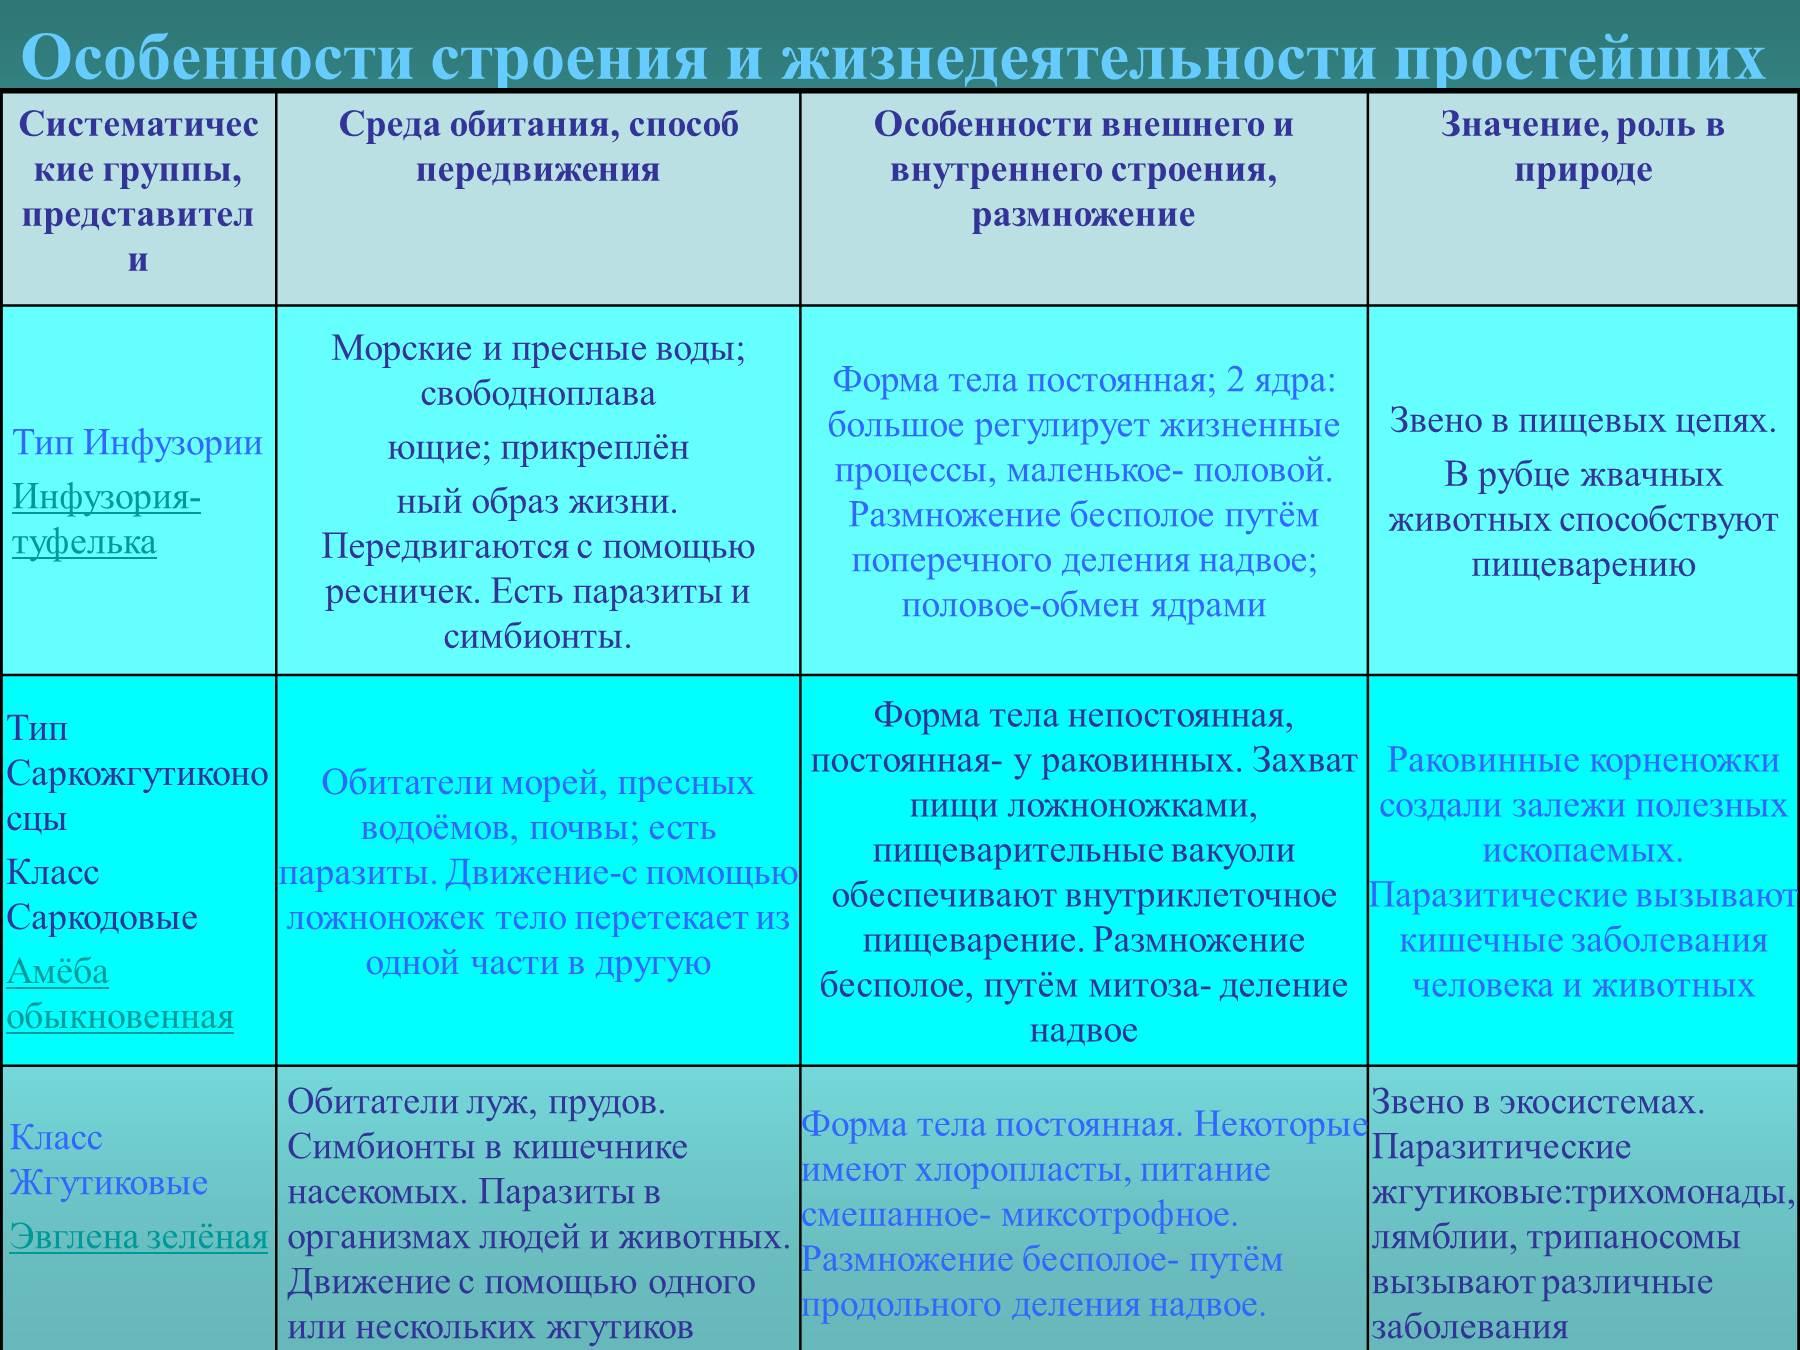 Инфузории особенности строения и процессов жизнедеятельности